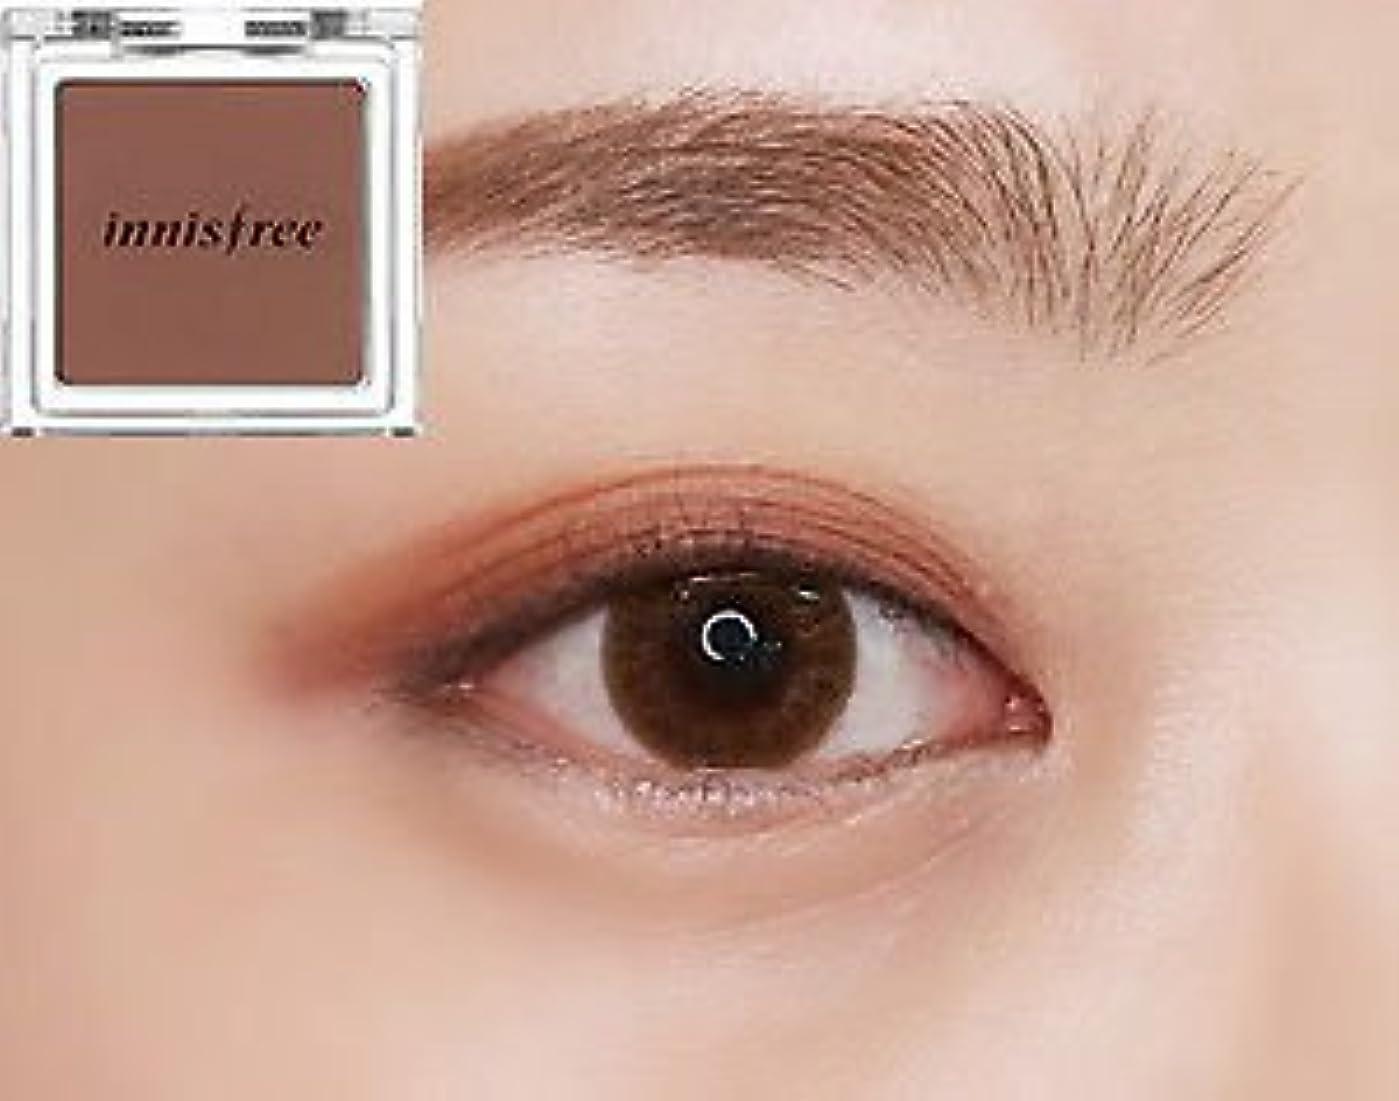 バタフライ欠点予知[イニスフリー] innisfree [マイ パレット マイ アイシャドウ (マット) 40カラー] MY PALETTE My Eyeshadow (Matte) 40 Shades [海外直送品] (マット #14)